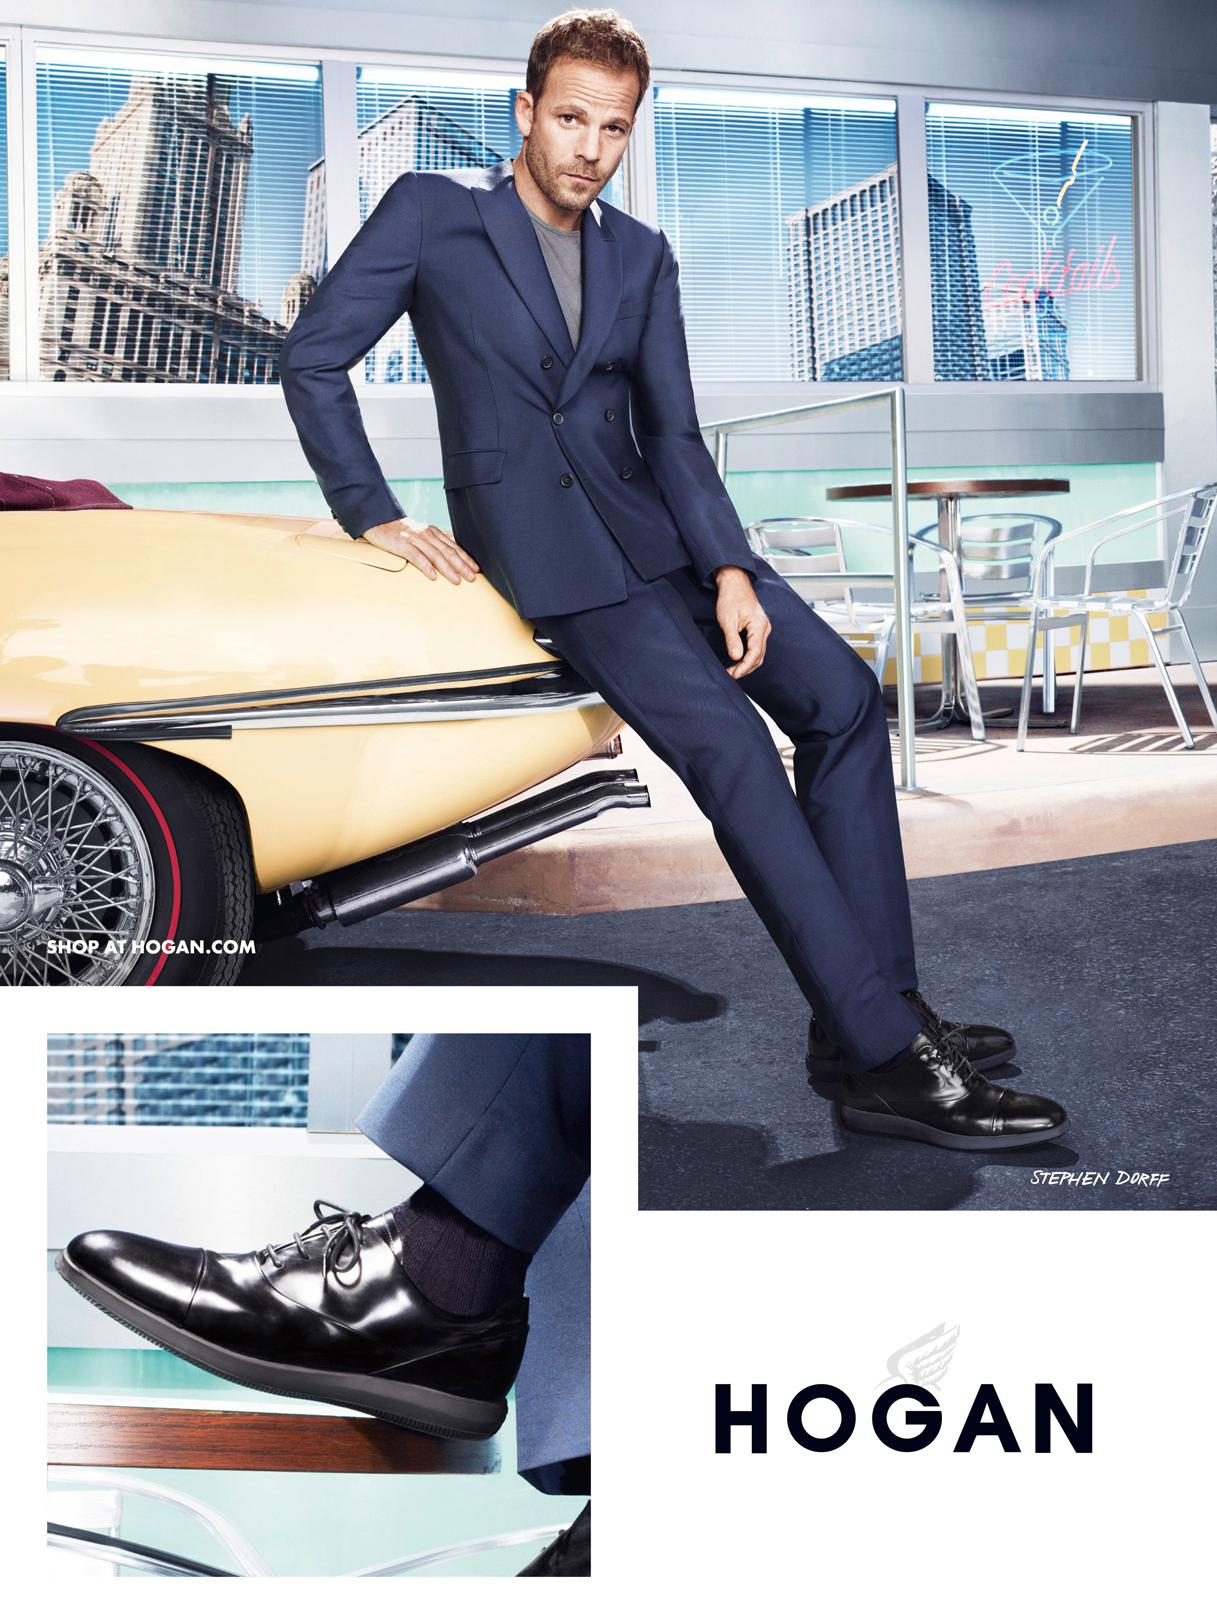 hogan h209